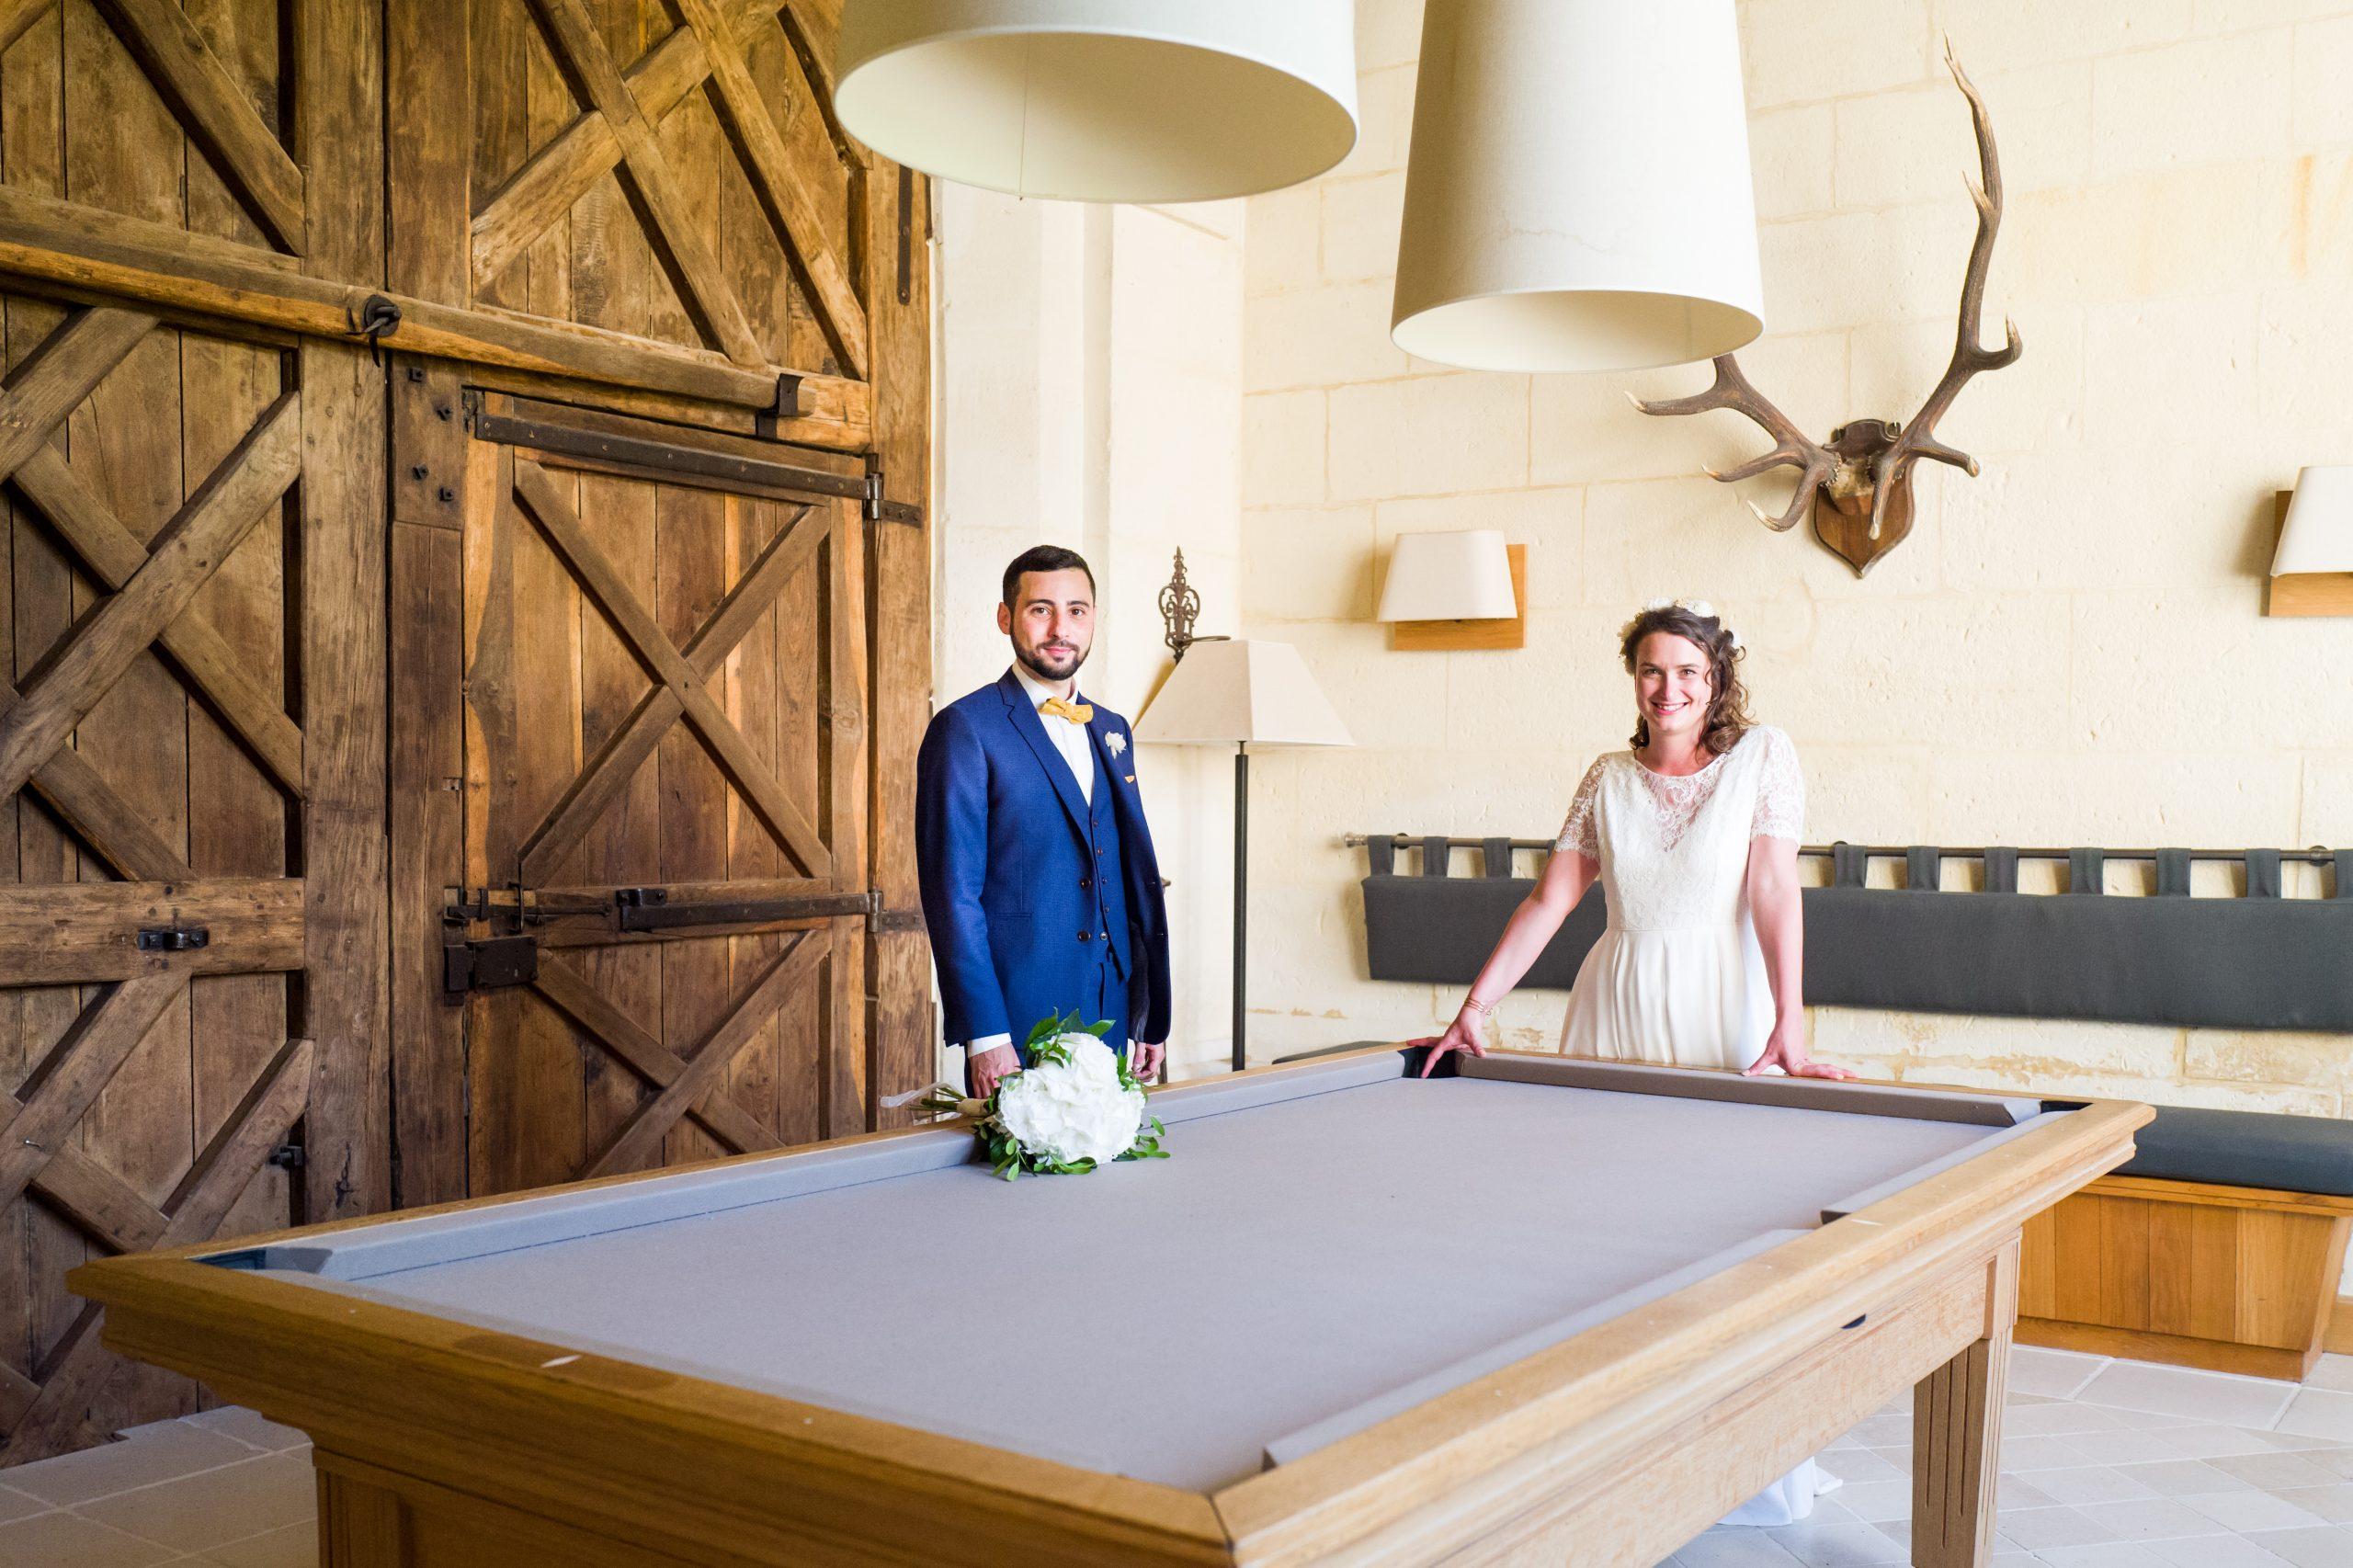 Photographe mariage - Paris - Montpellier - Nice - Mariage Hérault - Séance couple porte en bois